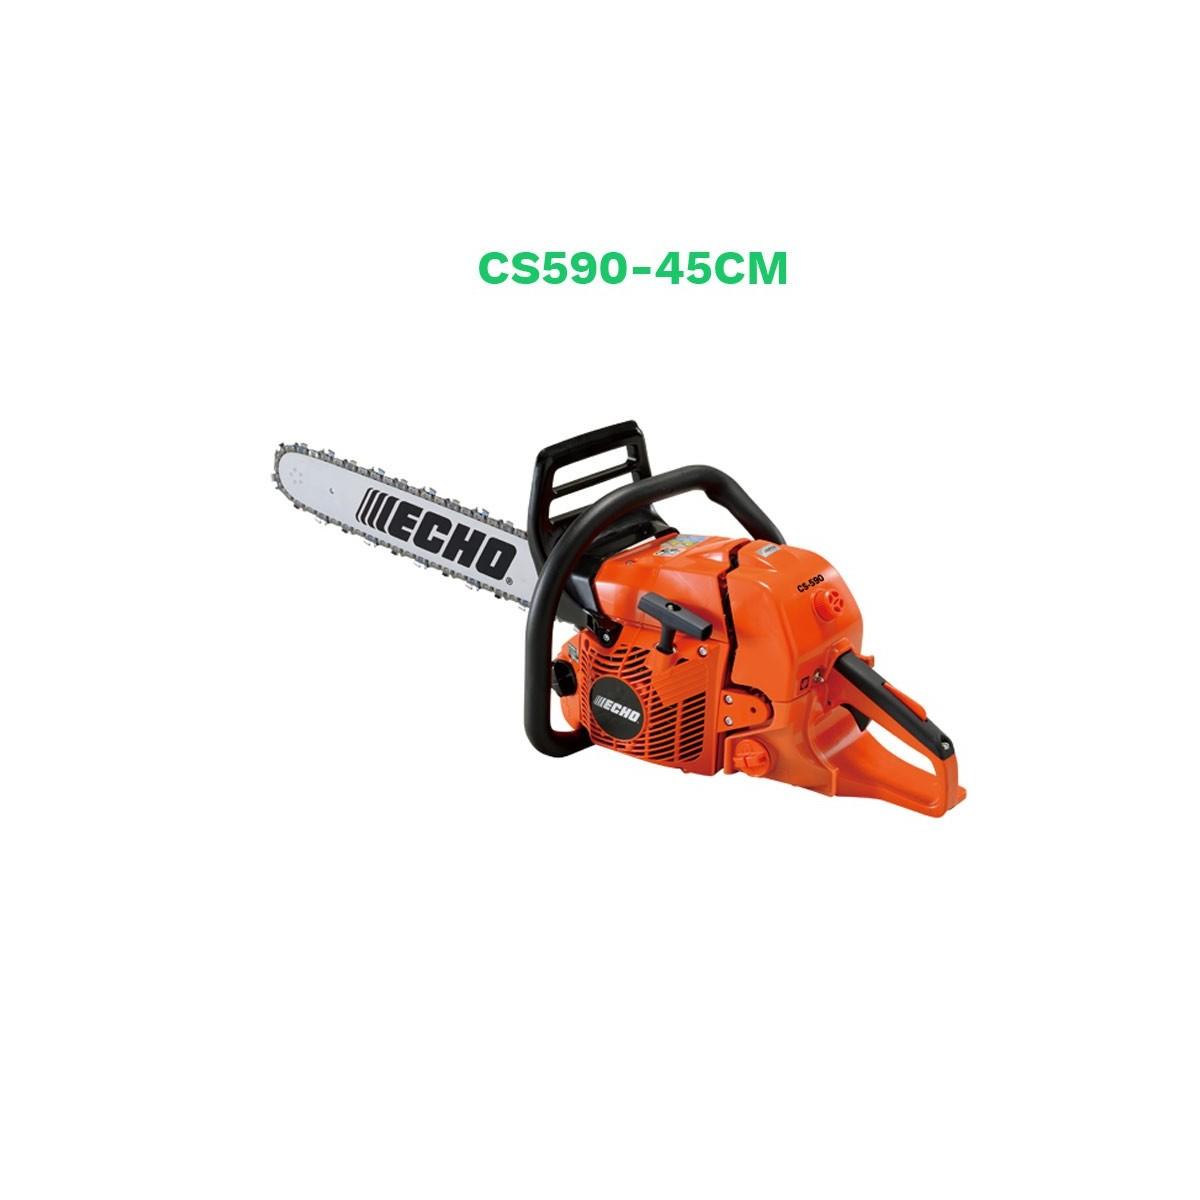 """Echo motosierra cs590-45cm-3/8"""""""